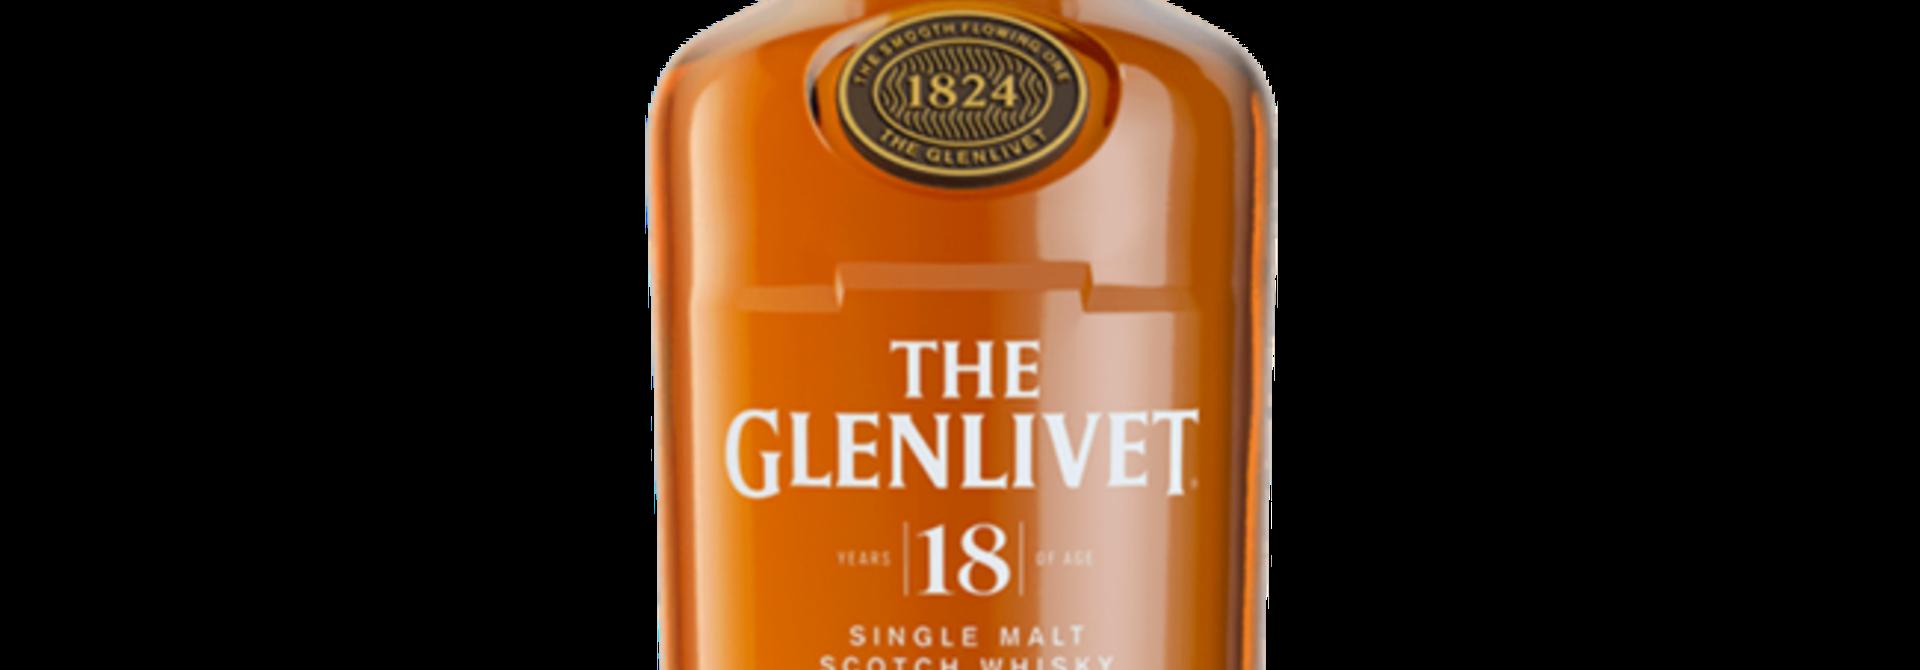 THE GLENLIVET 18 Years 0.7ltr